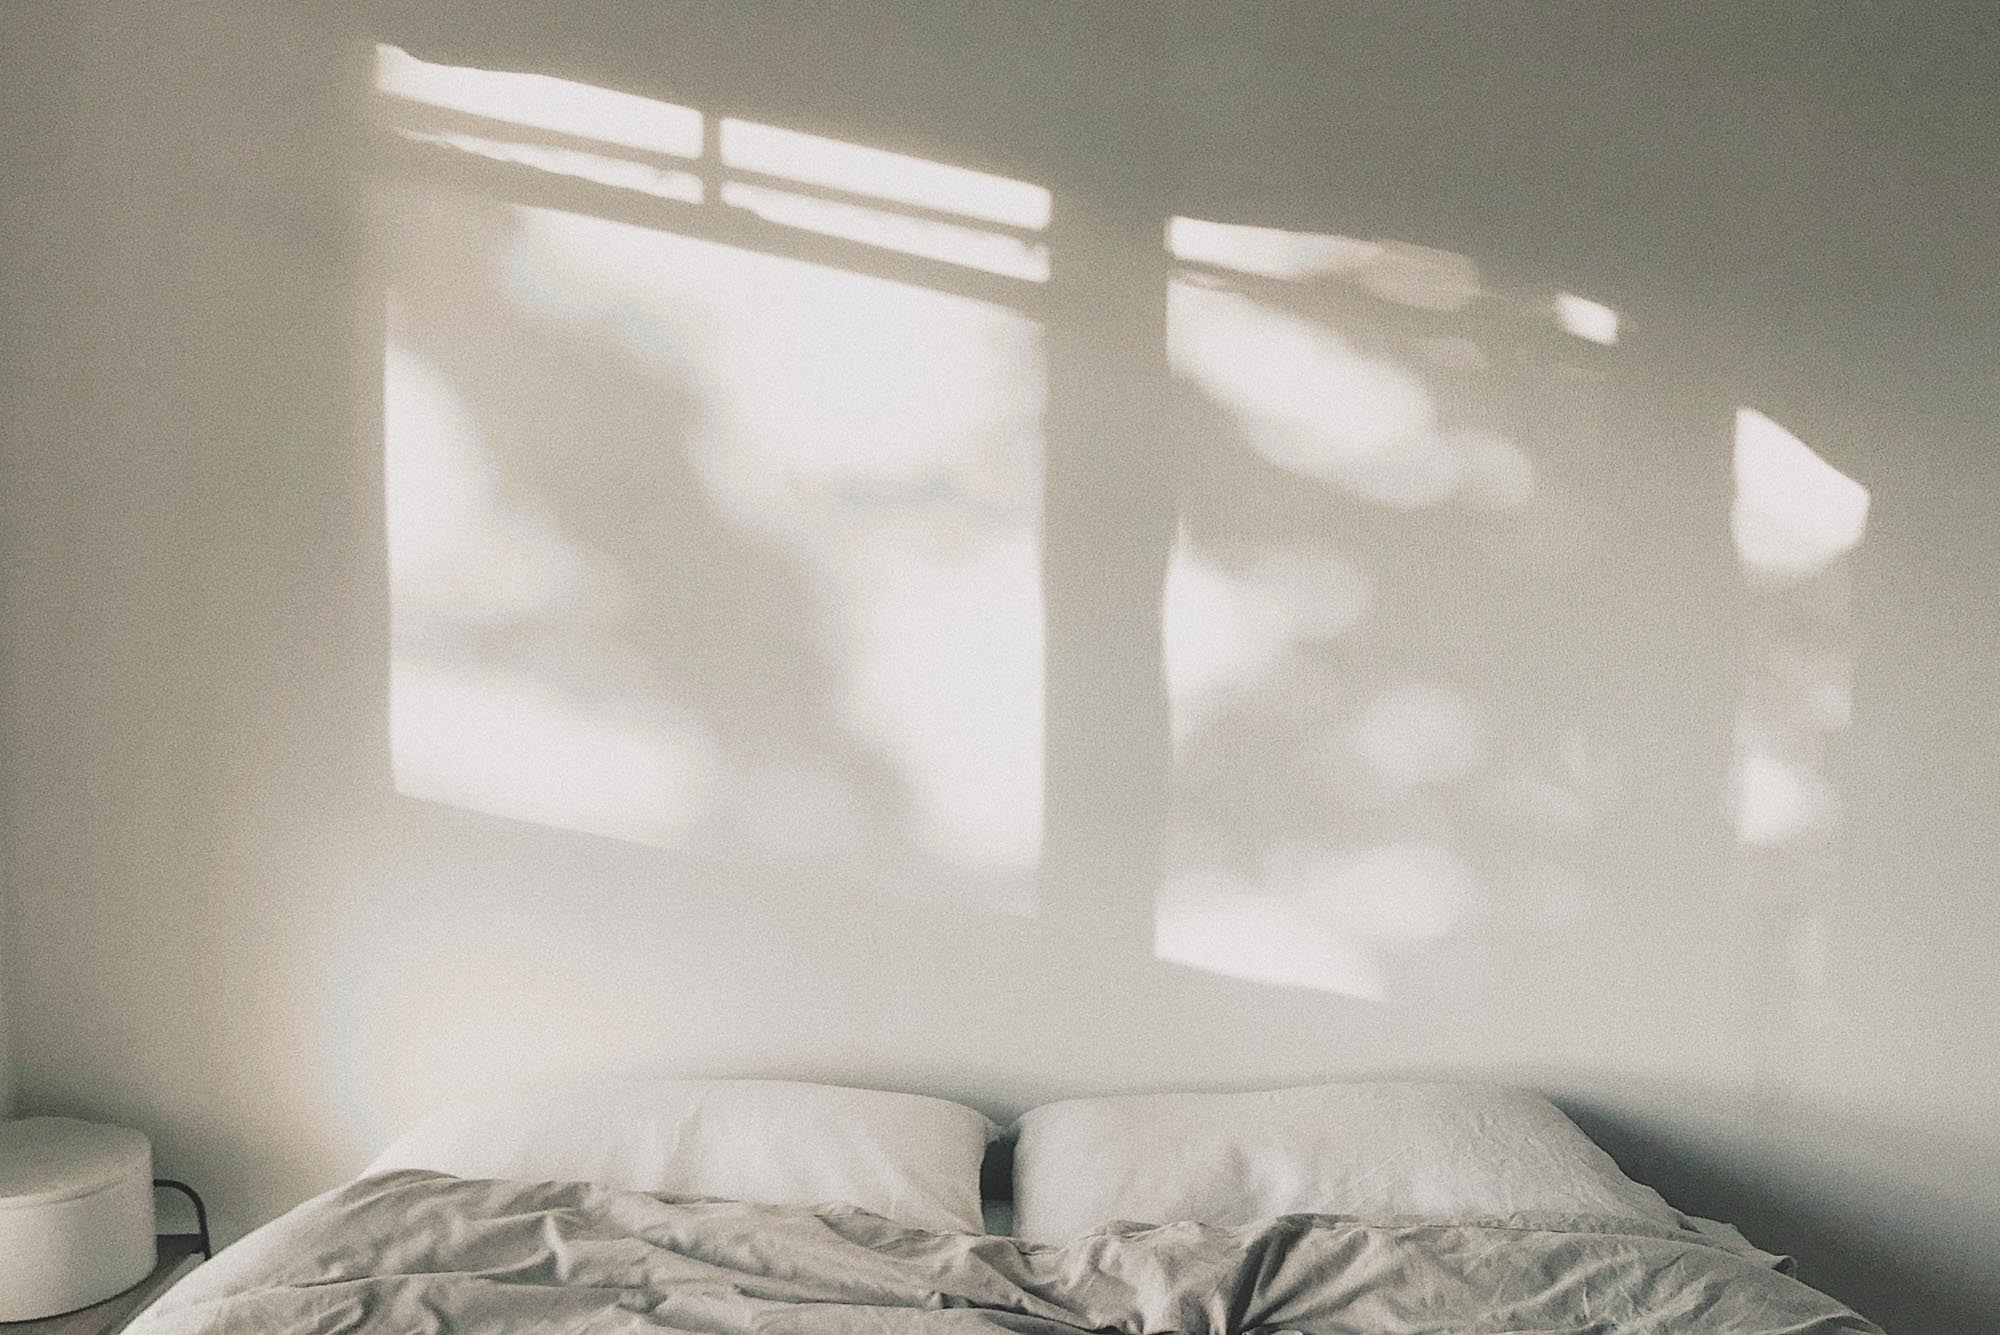 趣味の写真がきっかけで知り合ったお二人。ダイニングに射す光や、ベッドルームに差し込む木漏れ日など、毎日の暮らしの中で「いいなぁ」とカメラを向けたくなる瞬間がたくさん増えました。